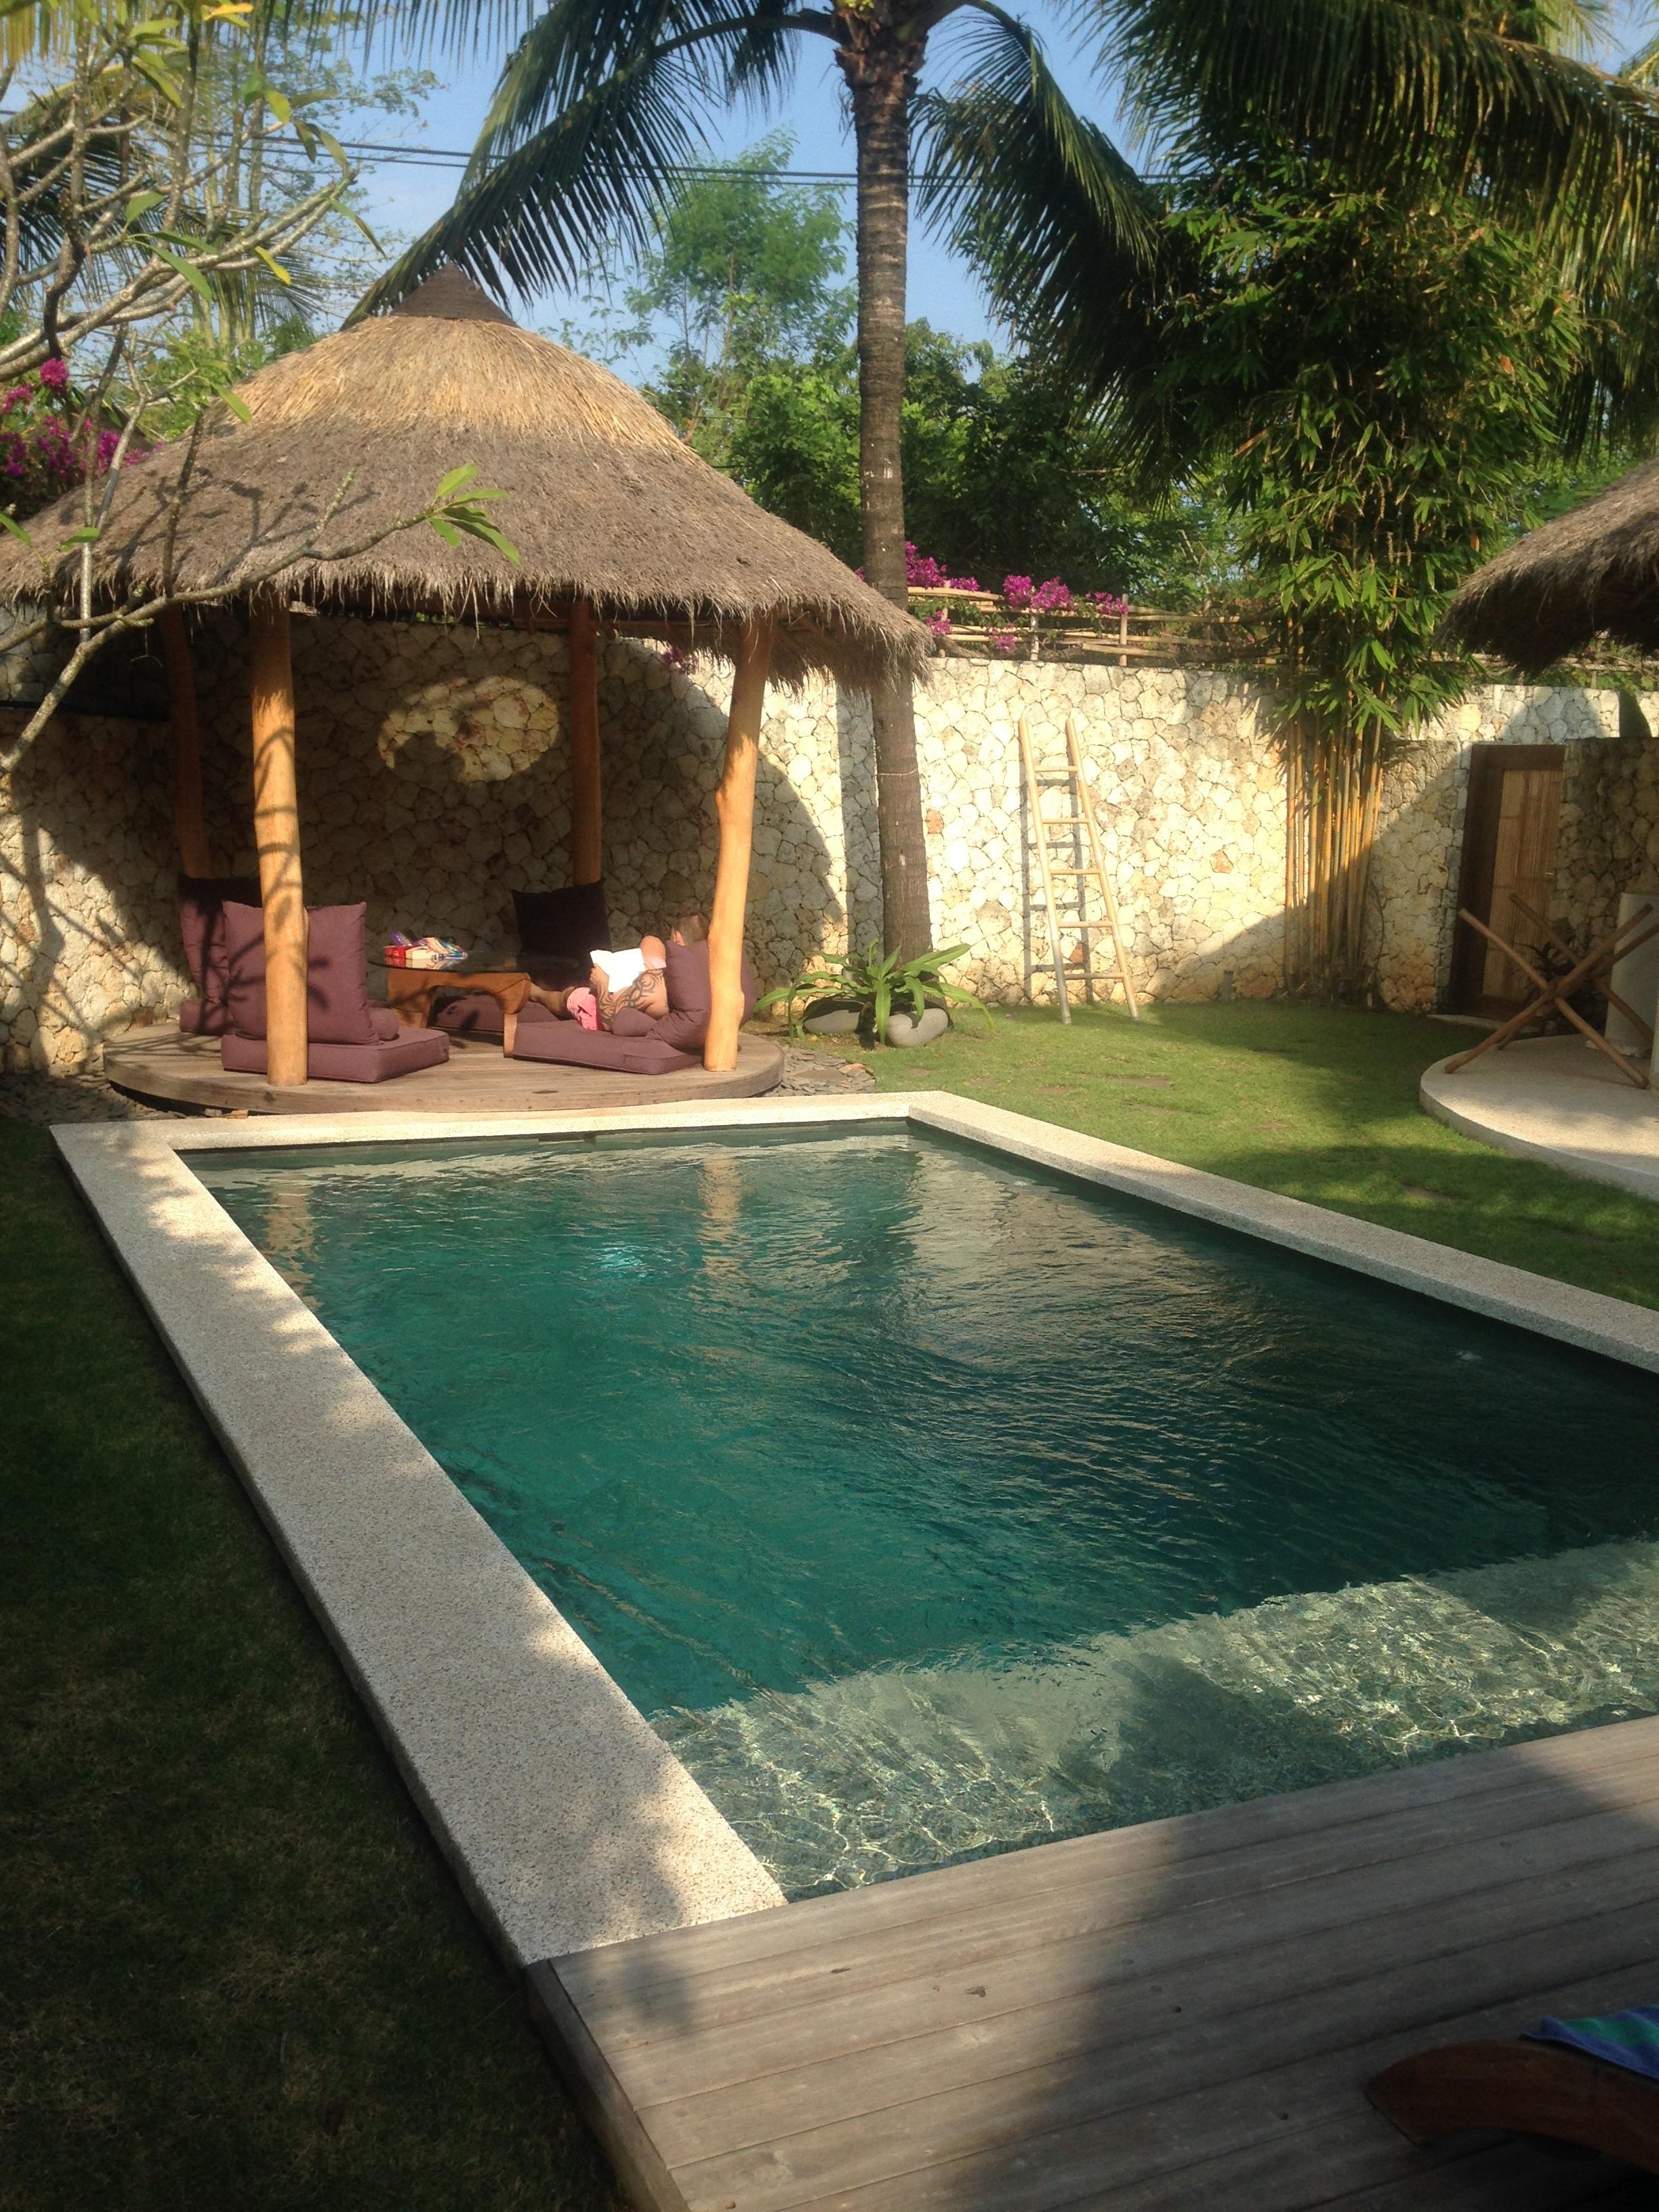 Fotos gratis villa verano piscina caba a patio interior propiedad recurso inmuebles - Ley propiedad horizontal patio interior ...